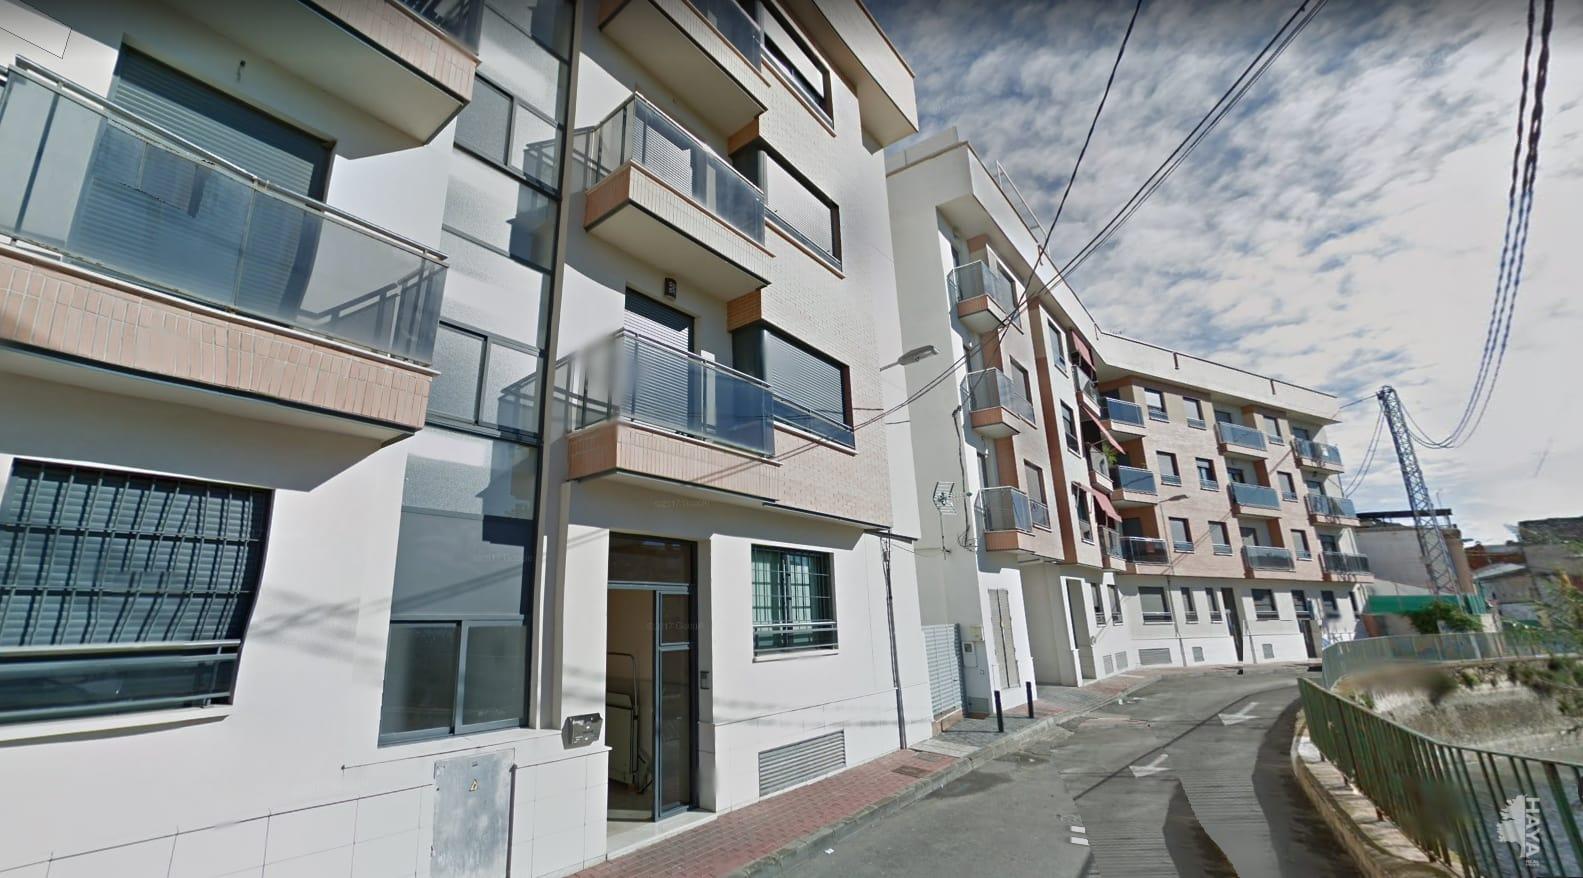 Piso en venta en Murcia, Murcia, Calle Barreras, 72.400 €, 2 habitaciones, 1 baño, 102 m2